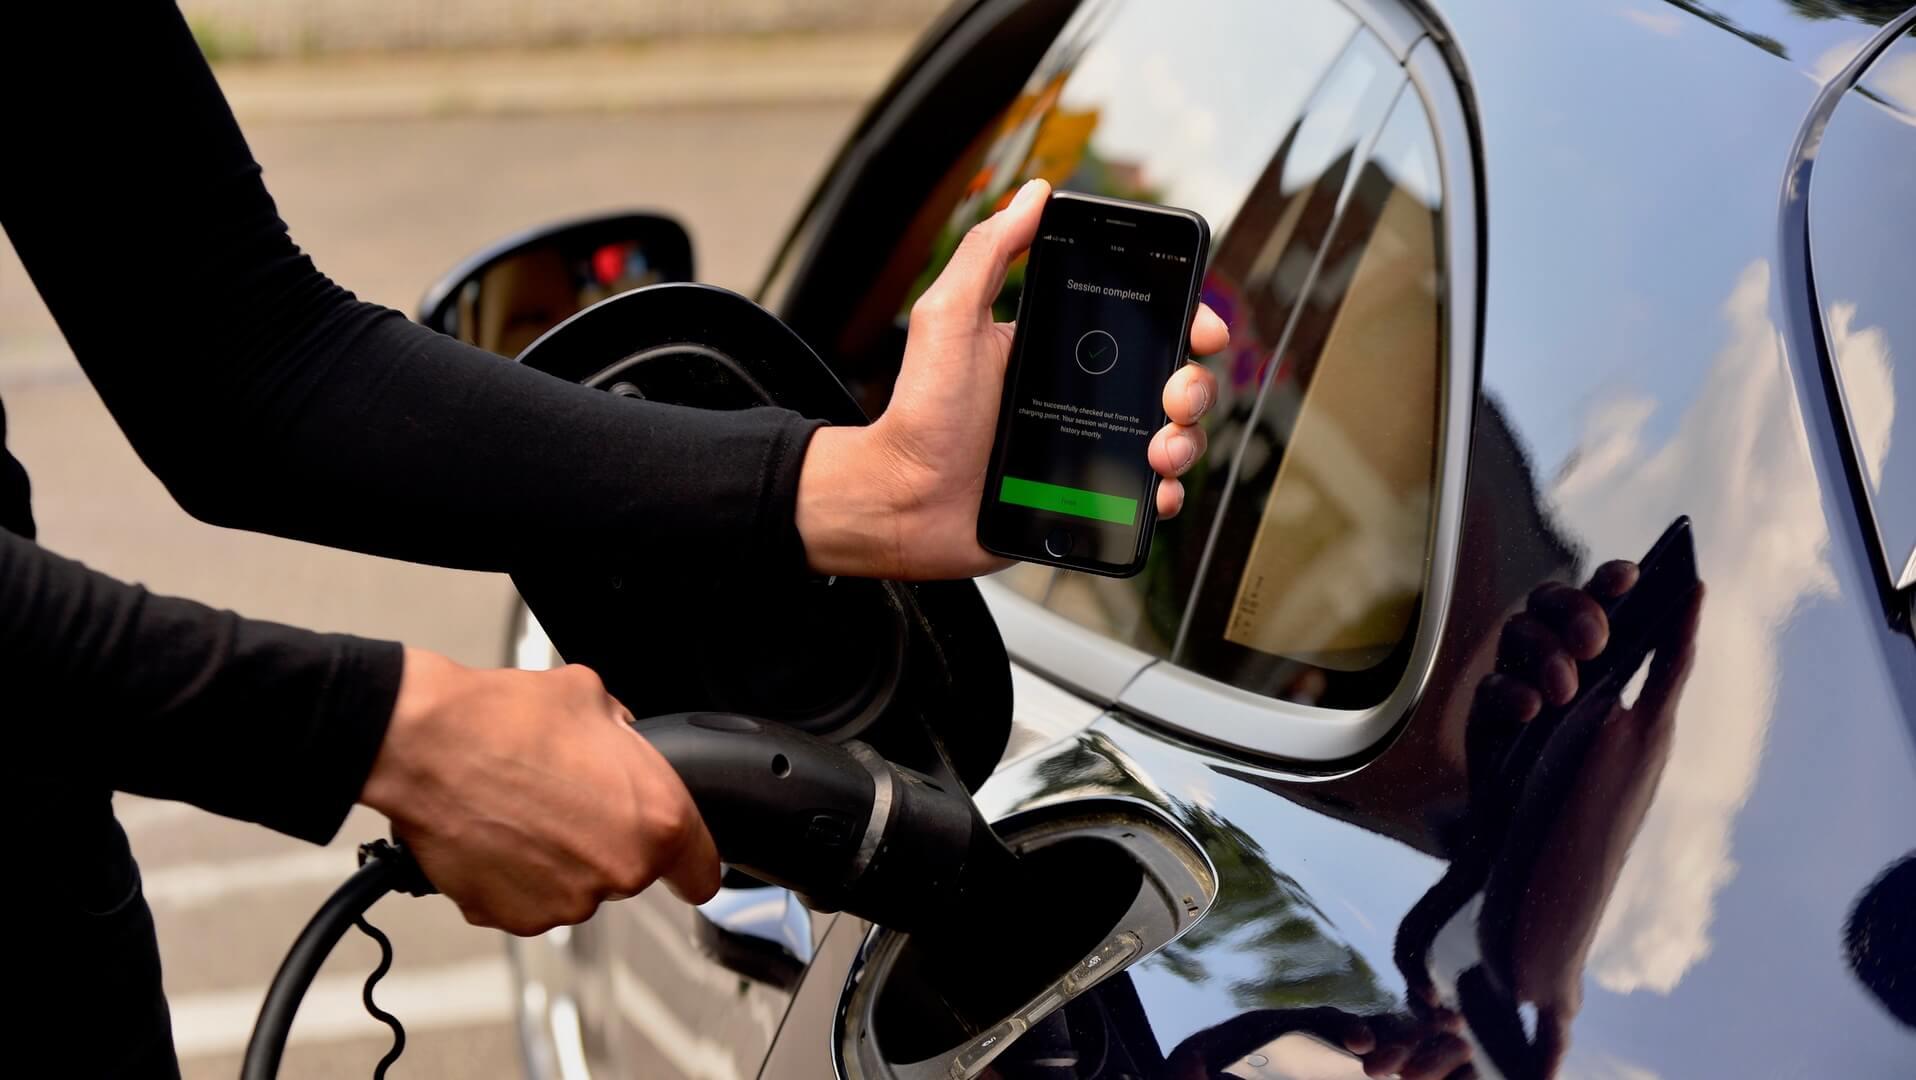 Приложение для удобного поиска зарядных станций «Porsche Charging Service»